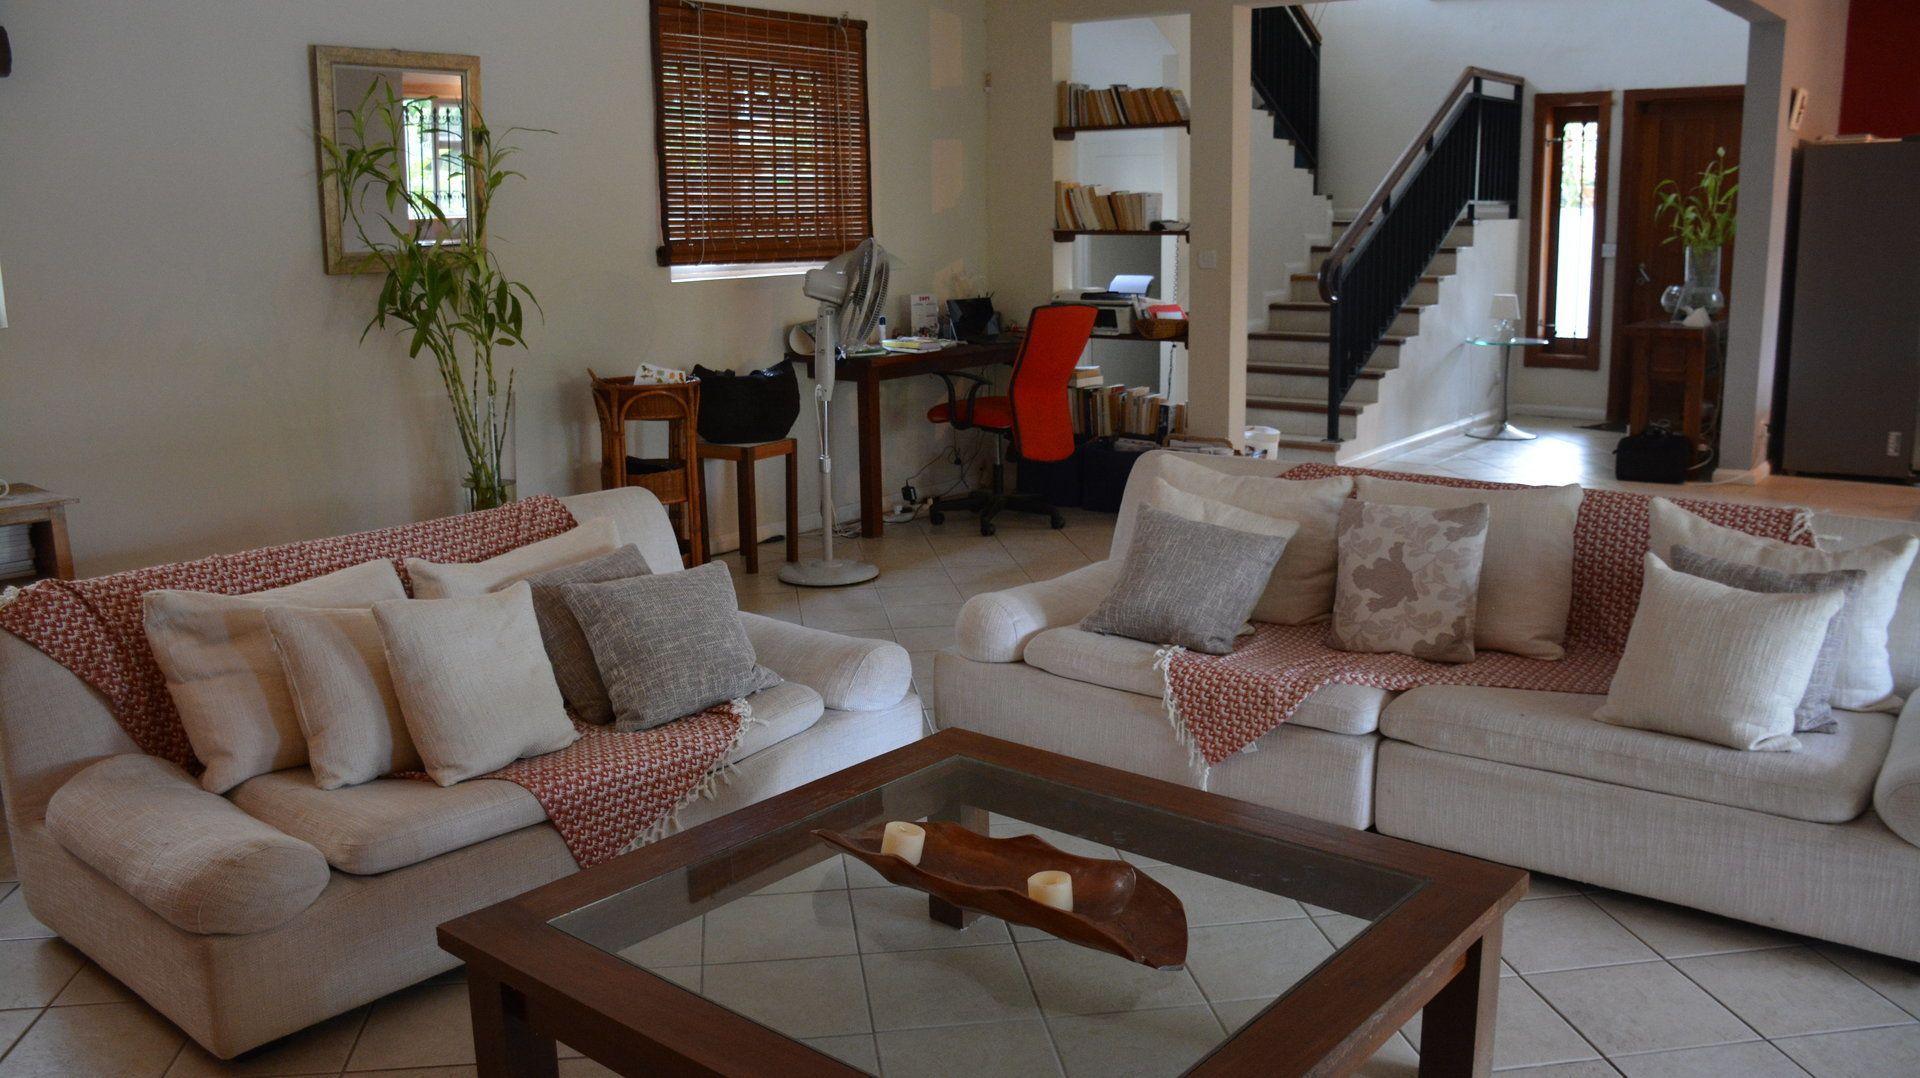 Maison à louer 7 720m2 à Ile Maurice vignette-2